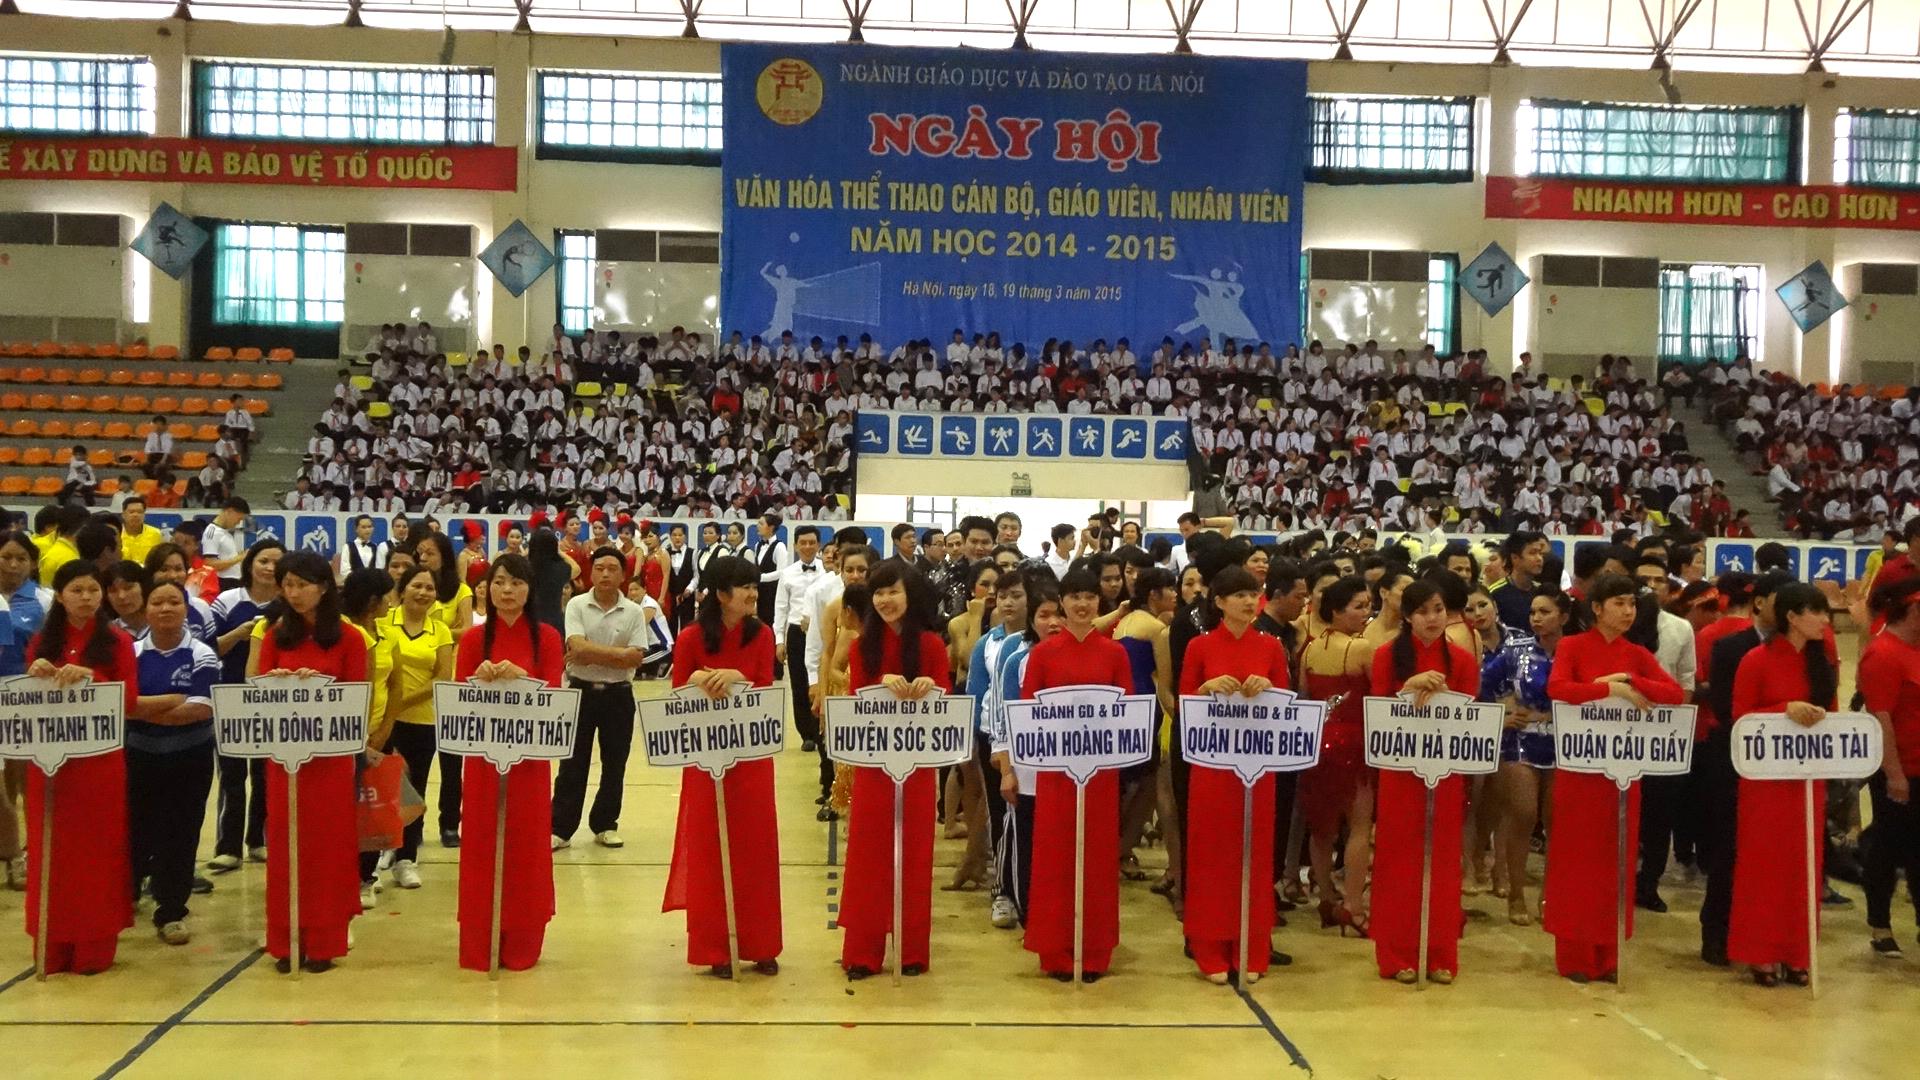 Hơn 1.200 vận động viên tham gia Ngày hội Văn hóa - Thể thao cán bộ, giáo viên, nhân viên ngành GD&ĐT Hà Nội